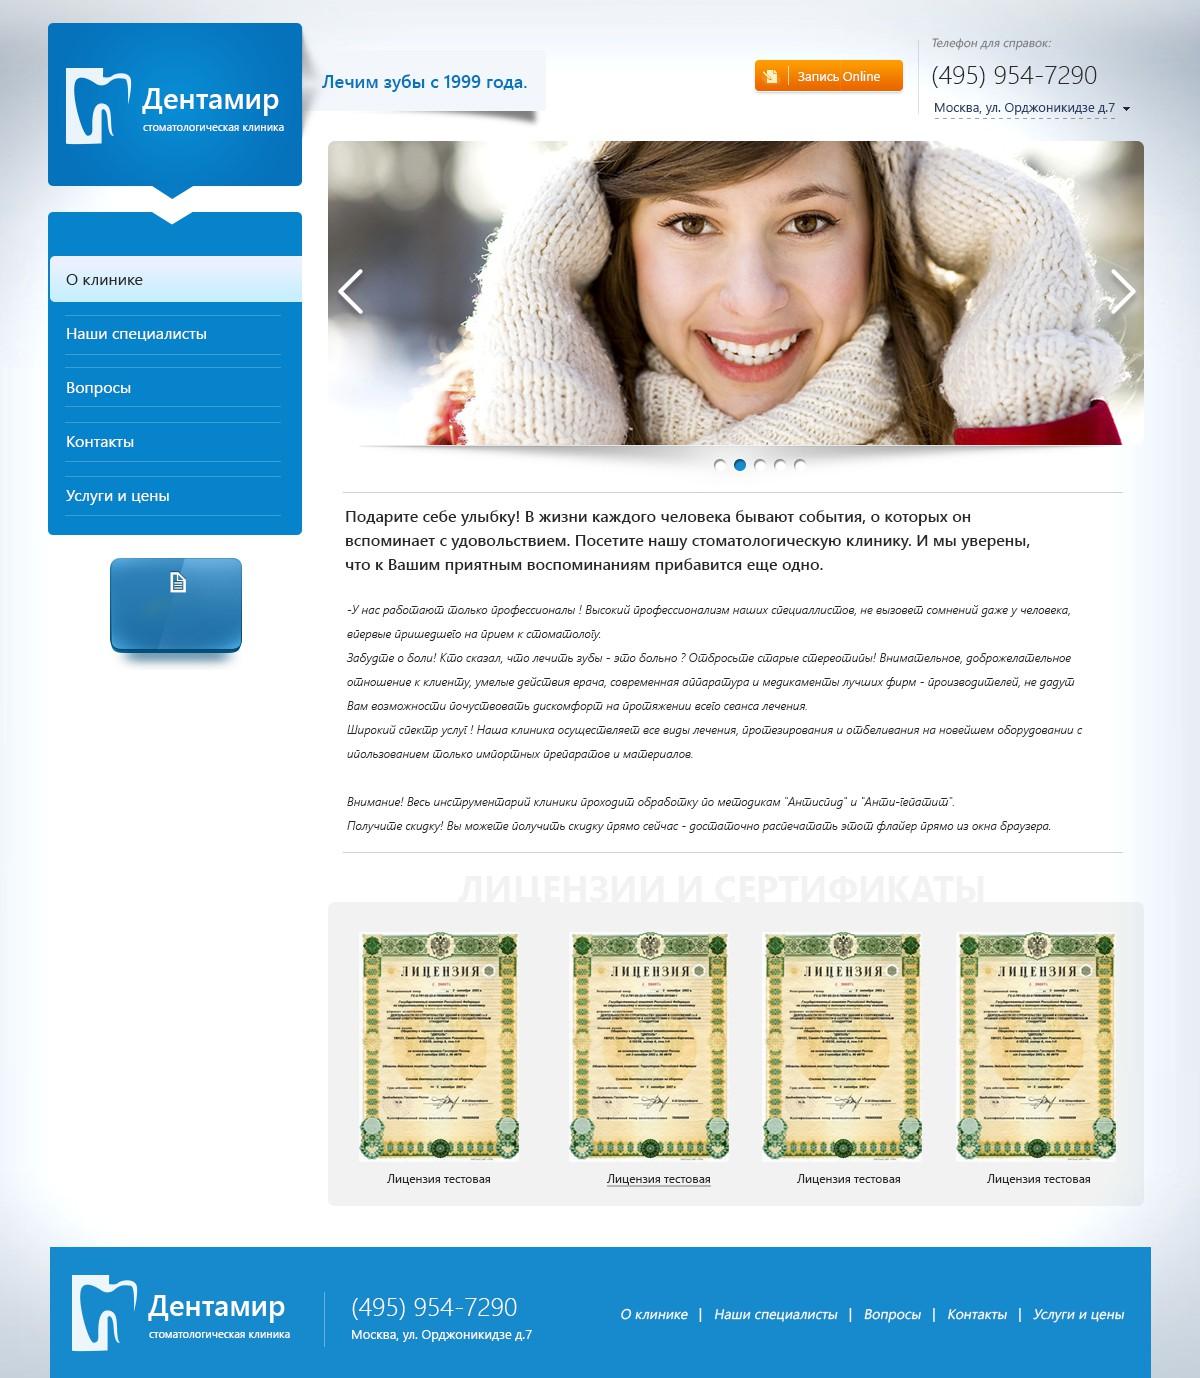 Верстка сайта стоматологической клиники.